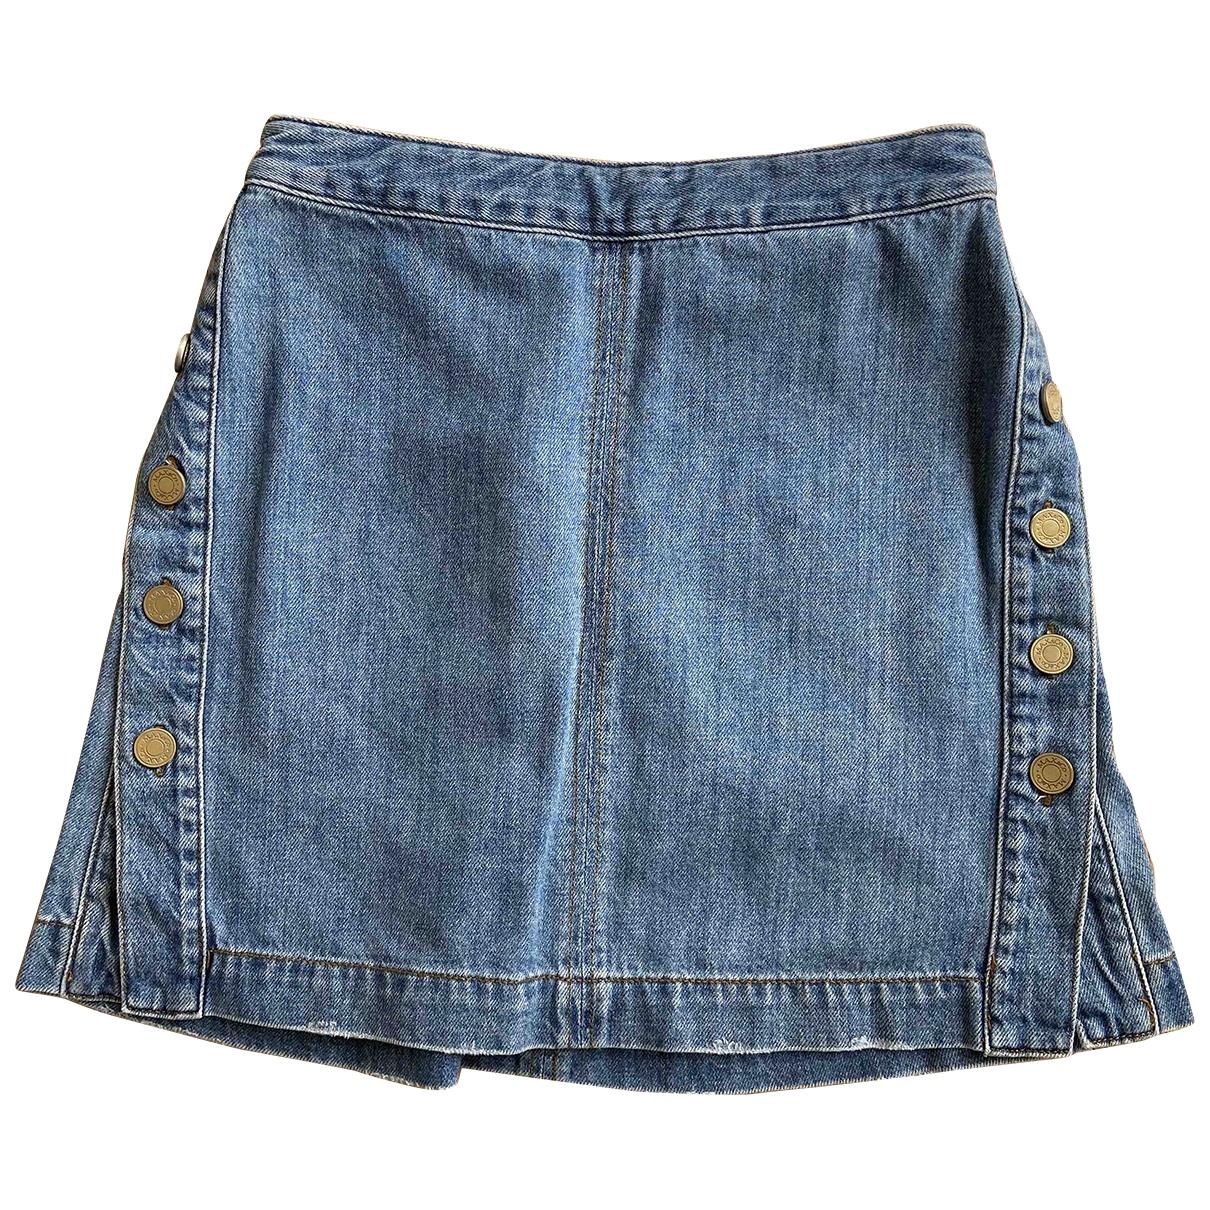 Max & Co \N Blue Denim - Jeans skirt for Women 36 FR